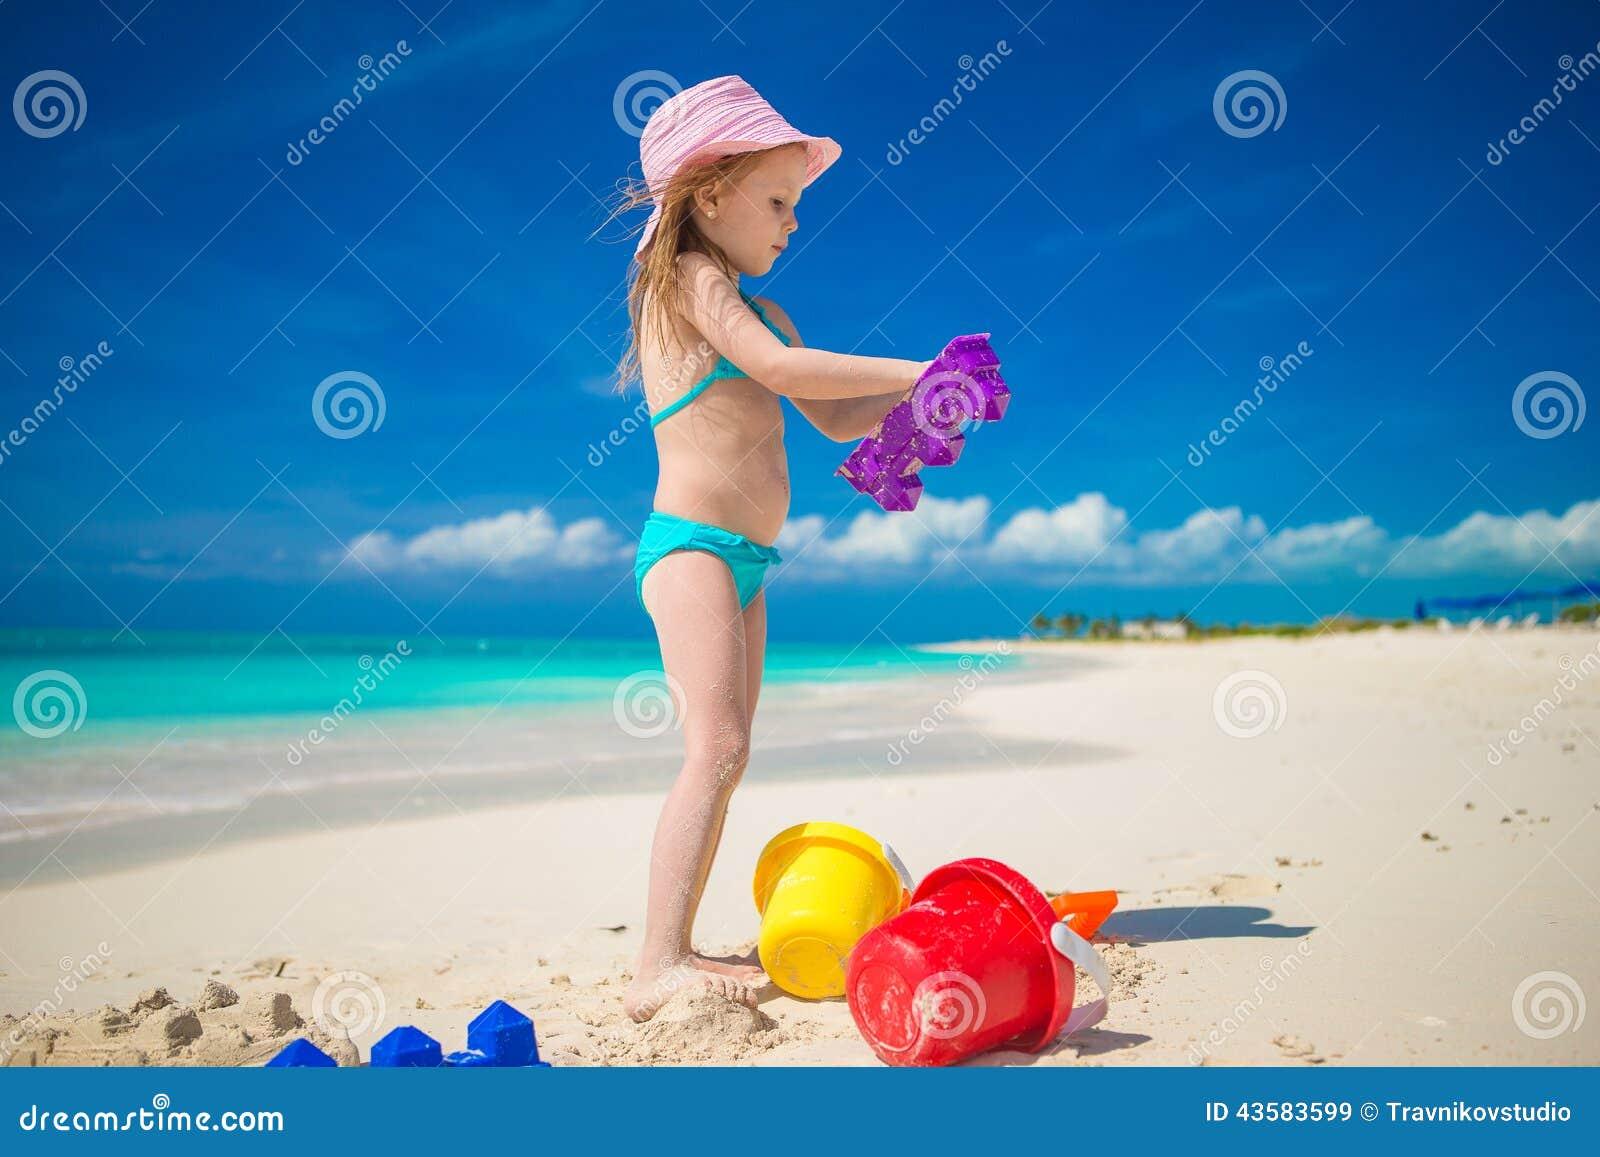 Meisje het spelen met strandspeelgoed tijdens